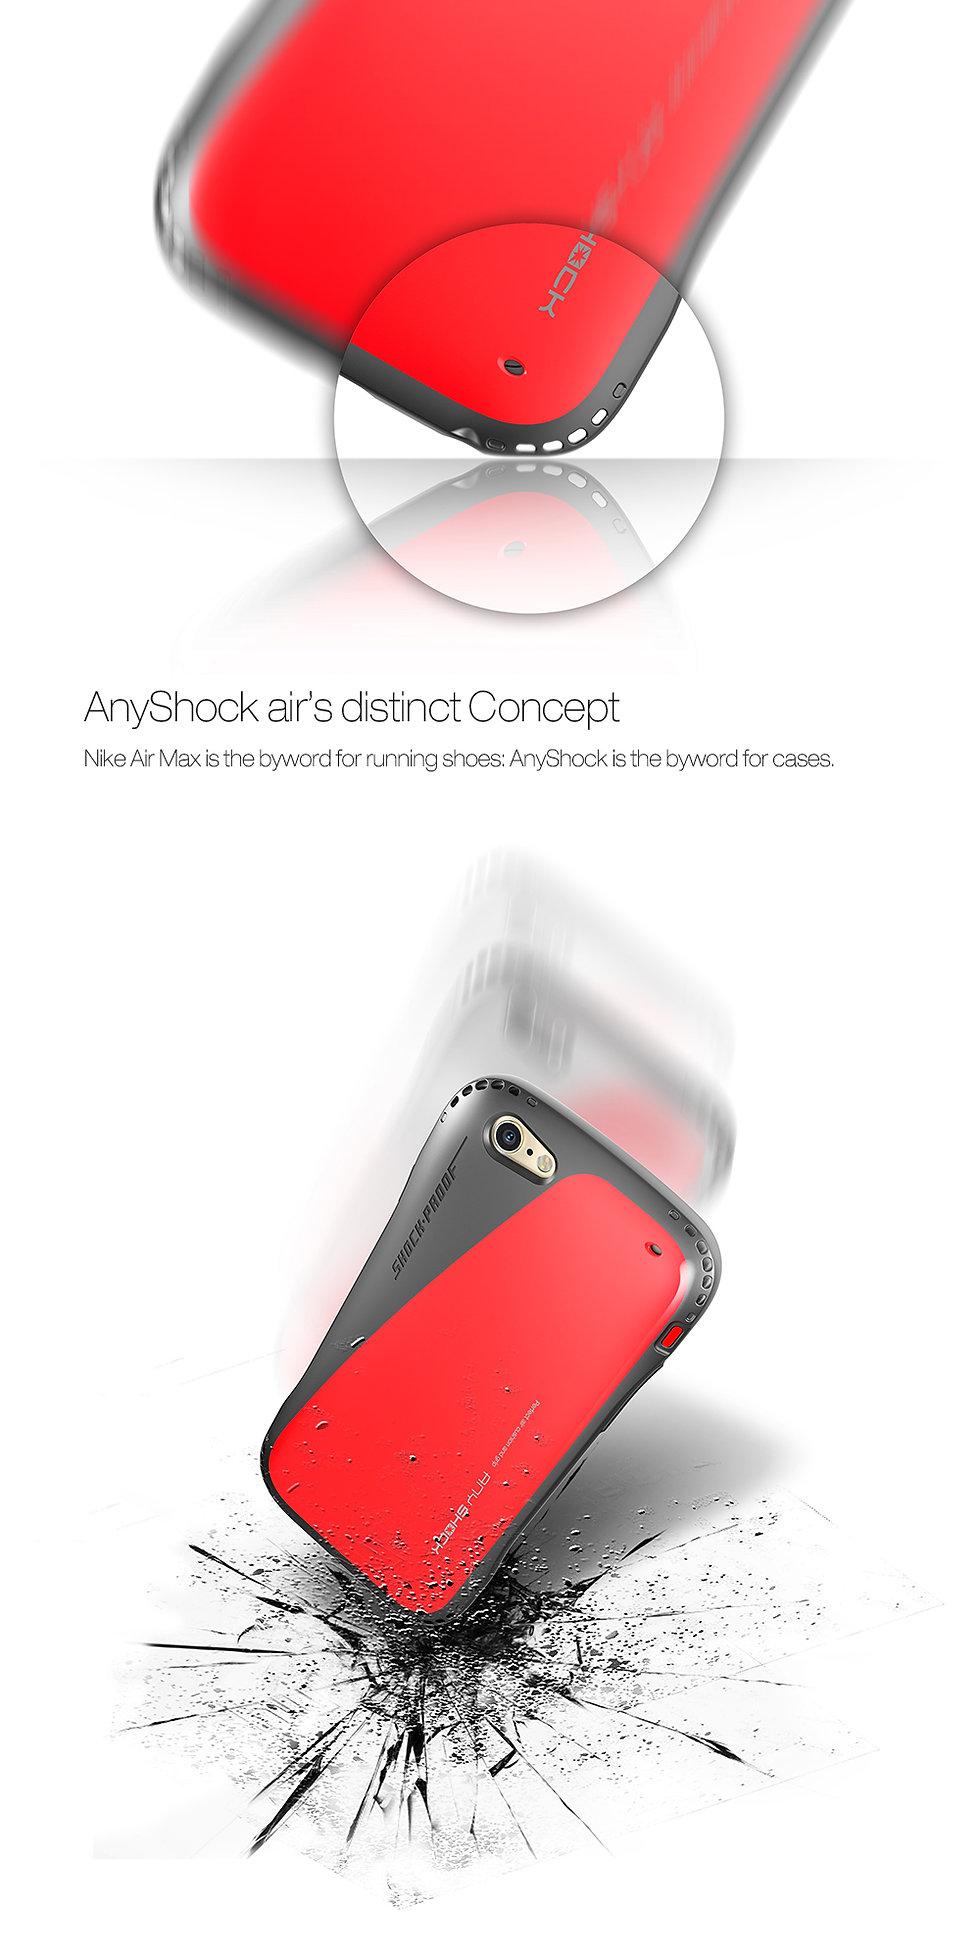 anyshock air_main02_e.jpg